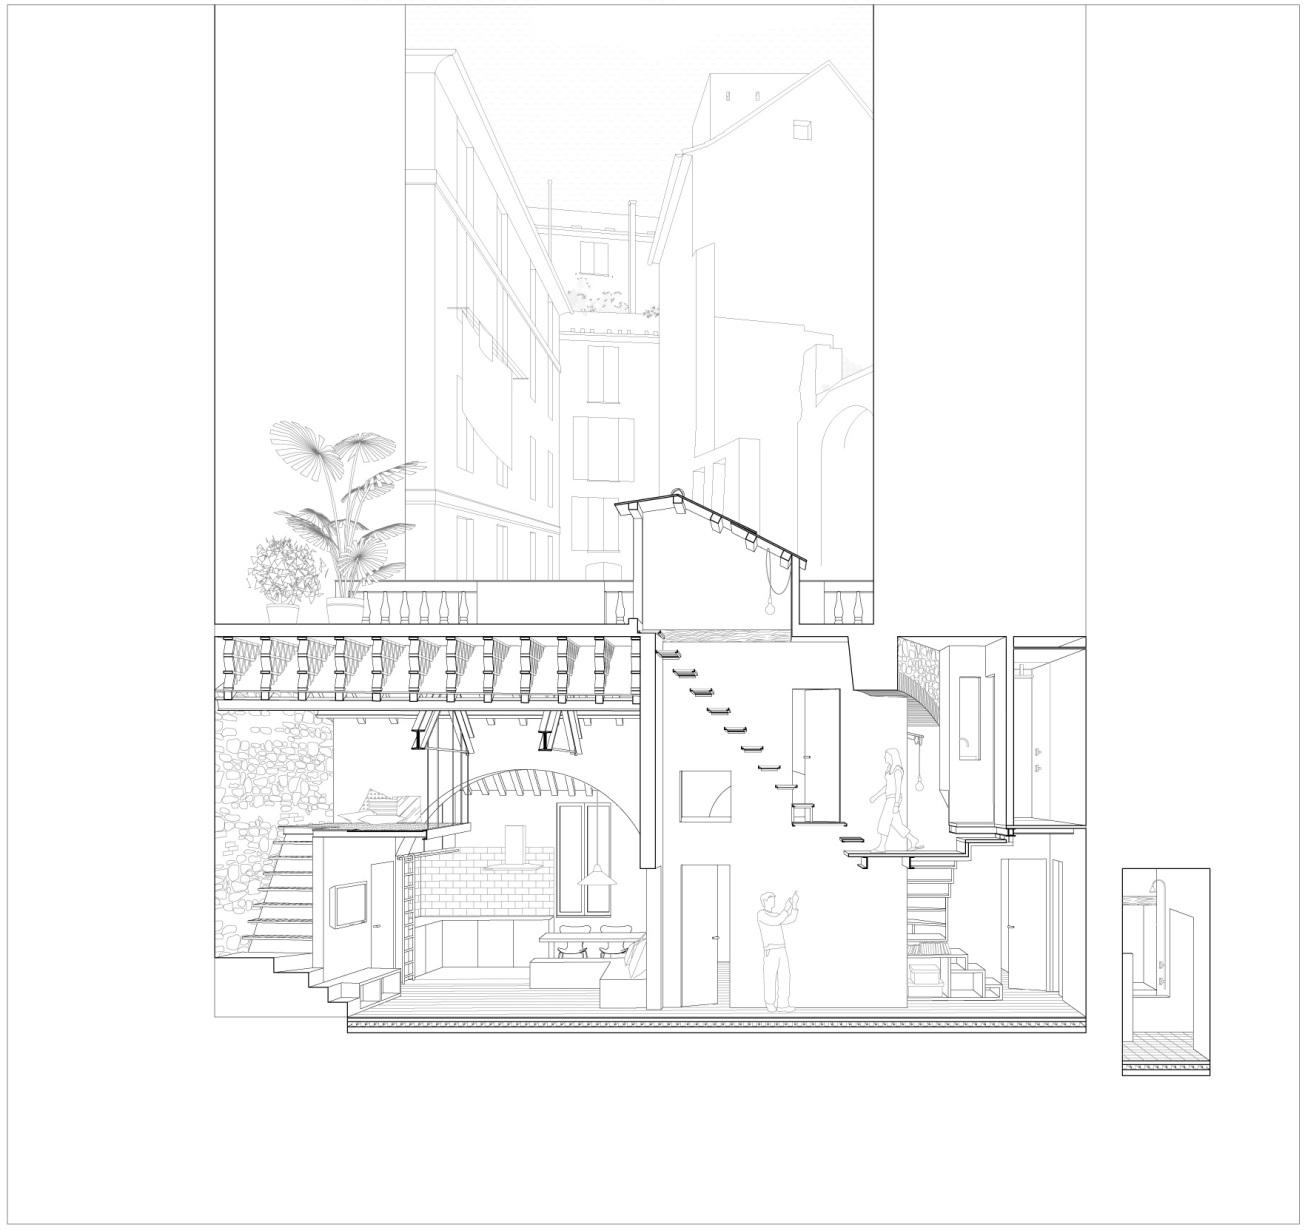 /Volumes/Public/Works/045_Santa Fede/progetto/dwg/045_sezione pr